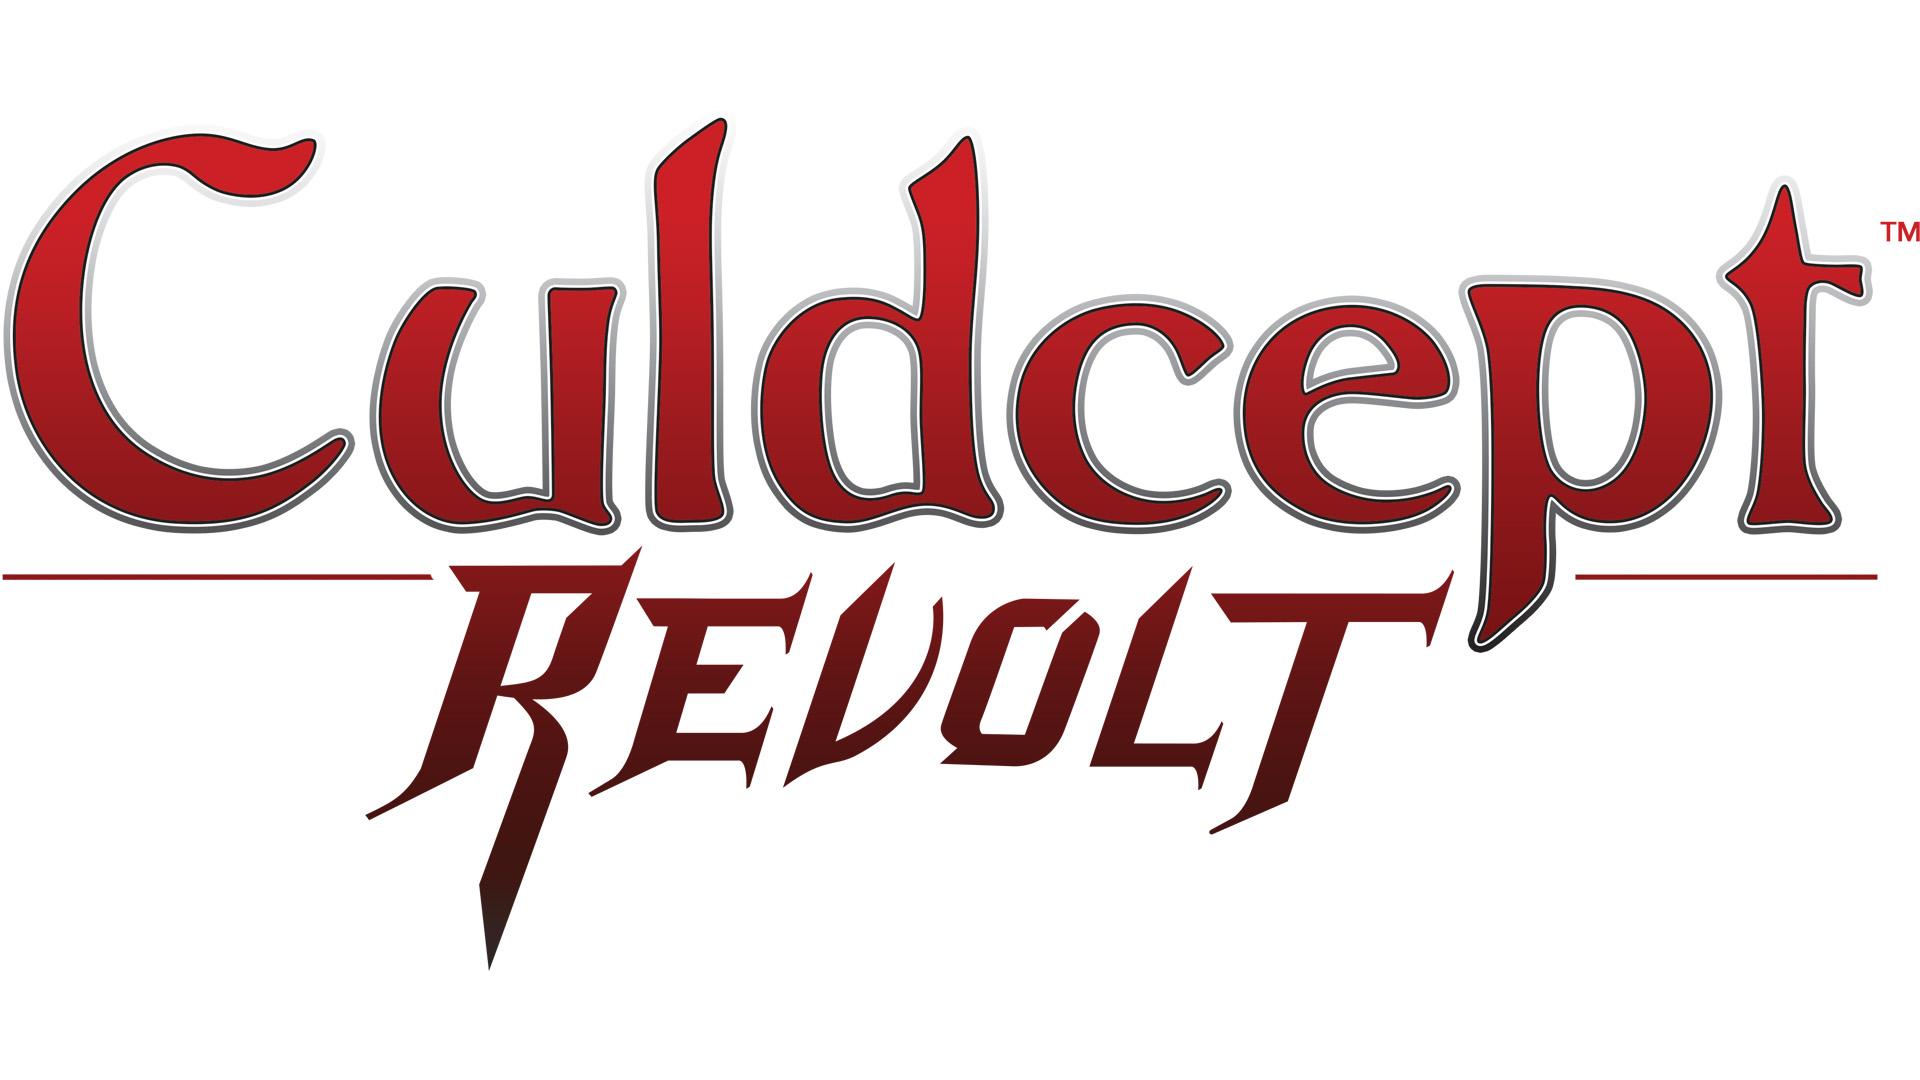 Culdcept Revolt hỗ trợ nhiều người chơi và nhận thêm gói nội dung mới - Tin Game